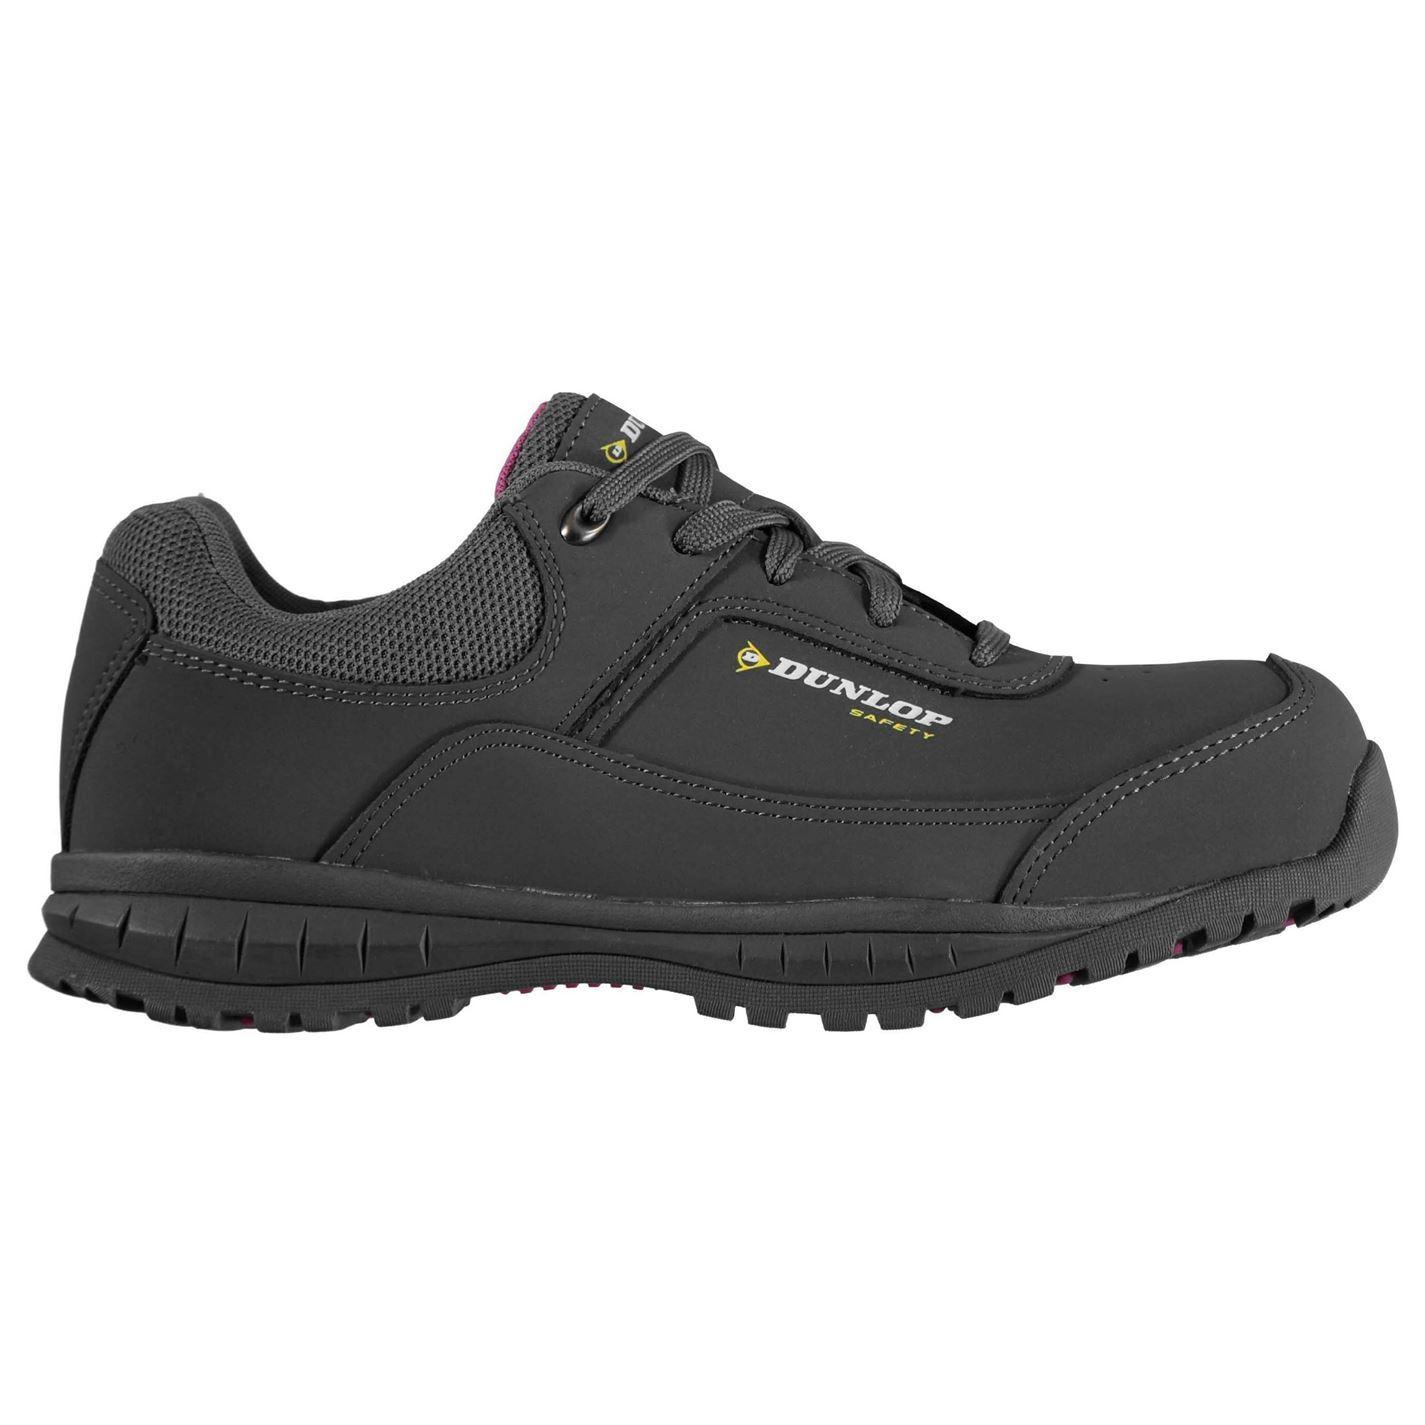 ladies composite toe cipő online shop